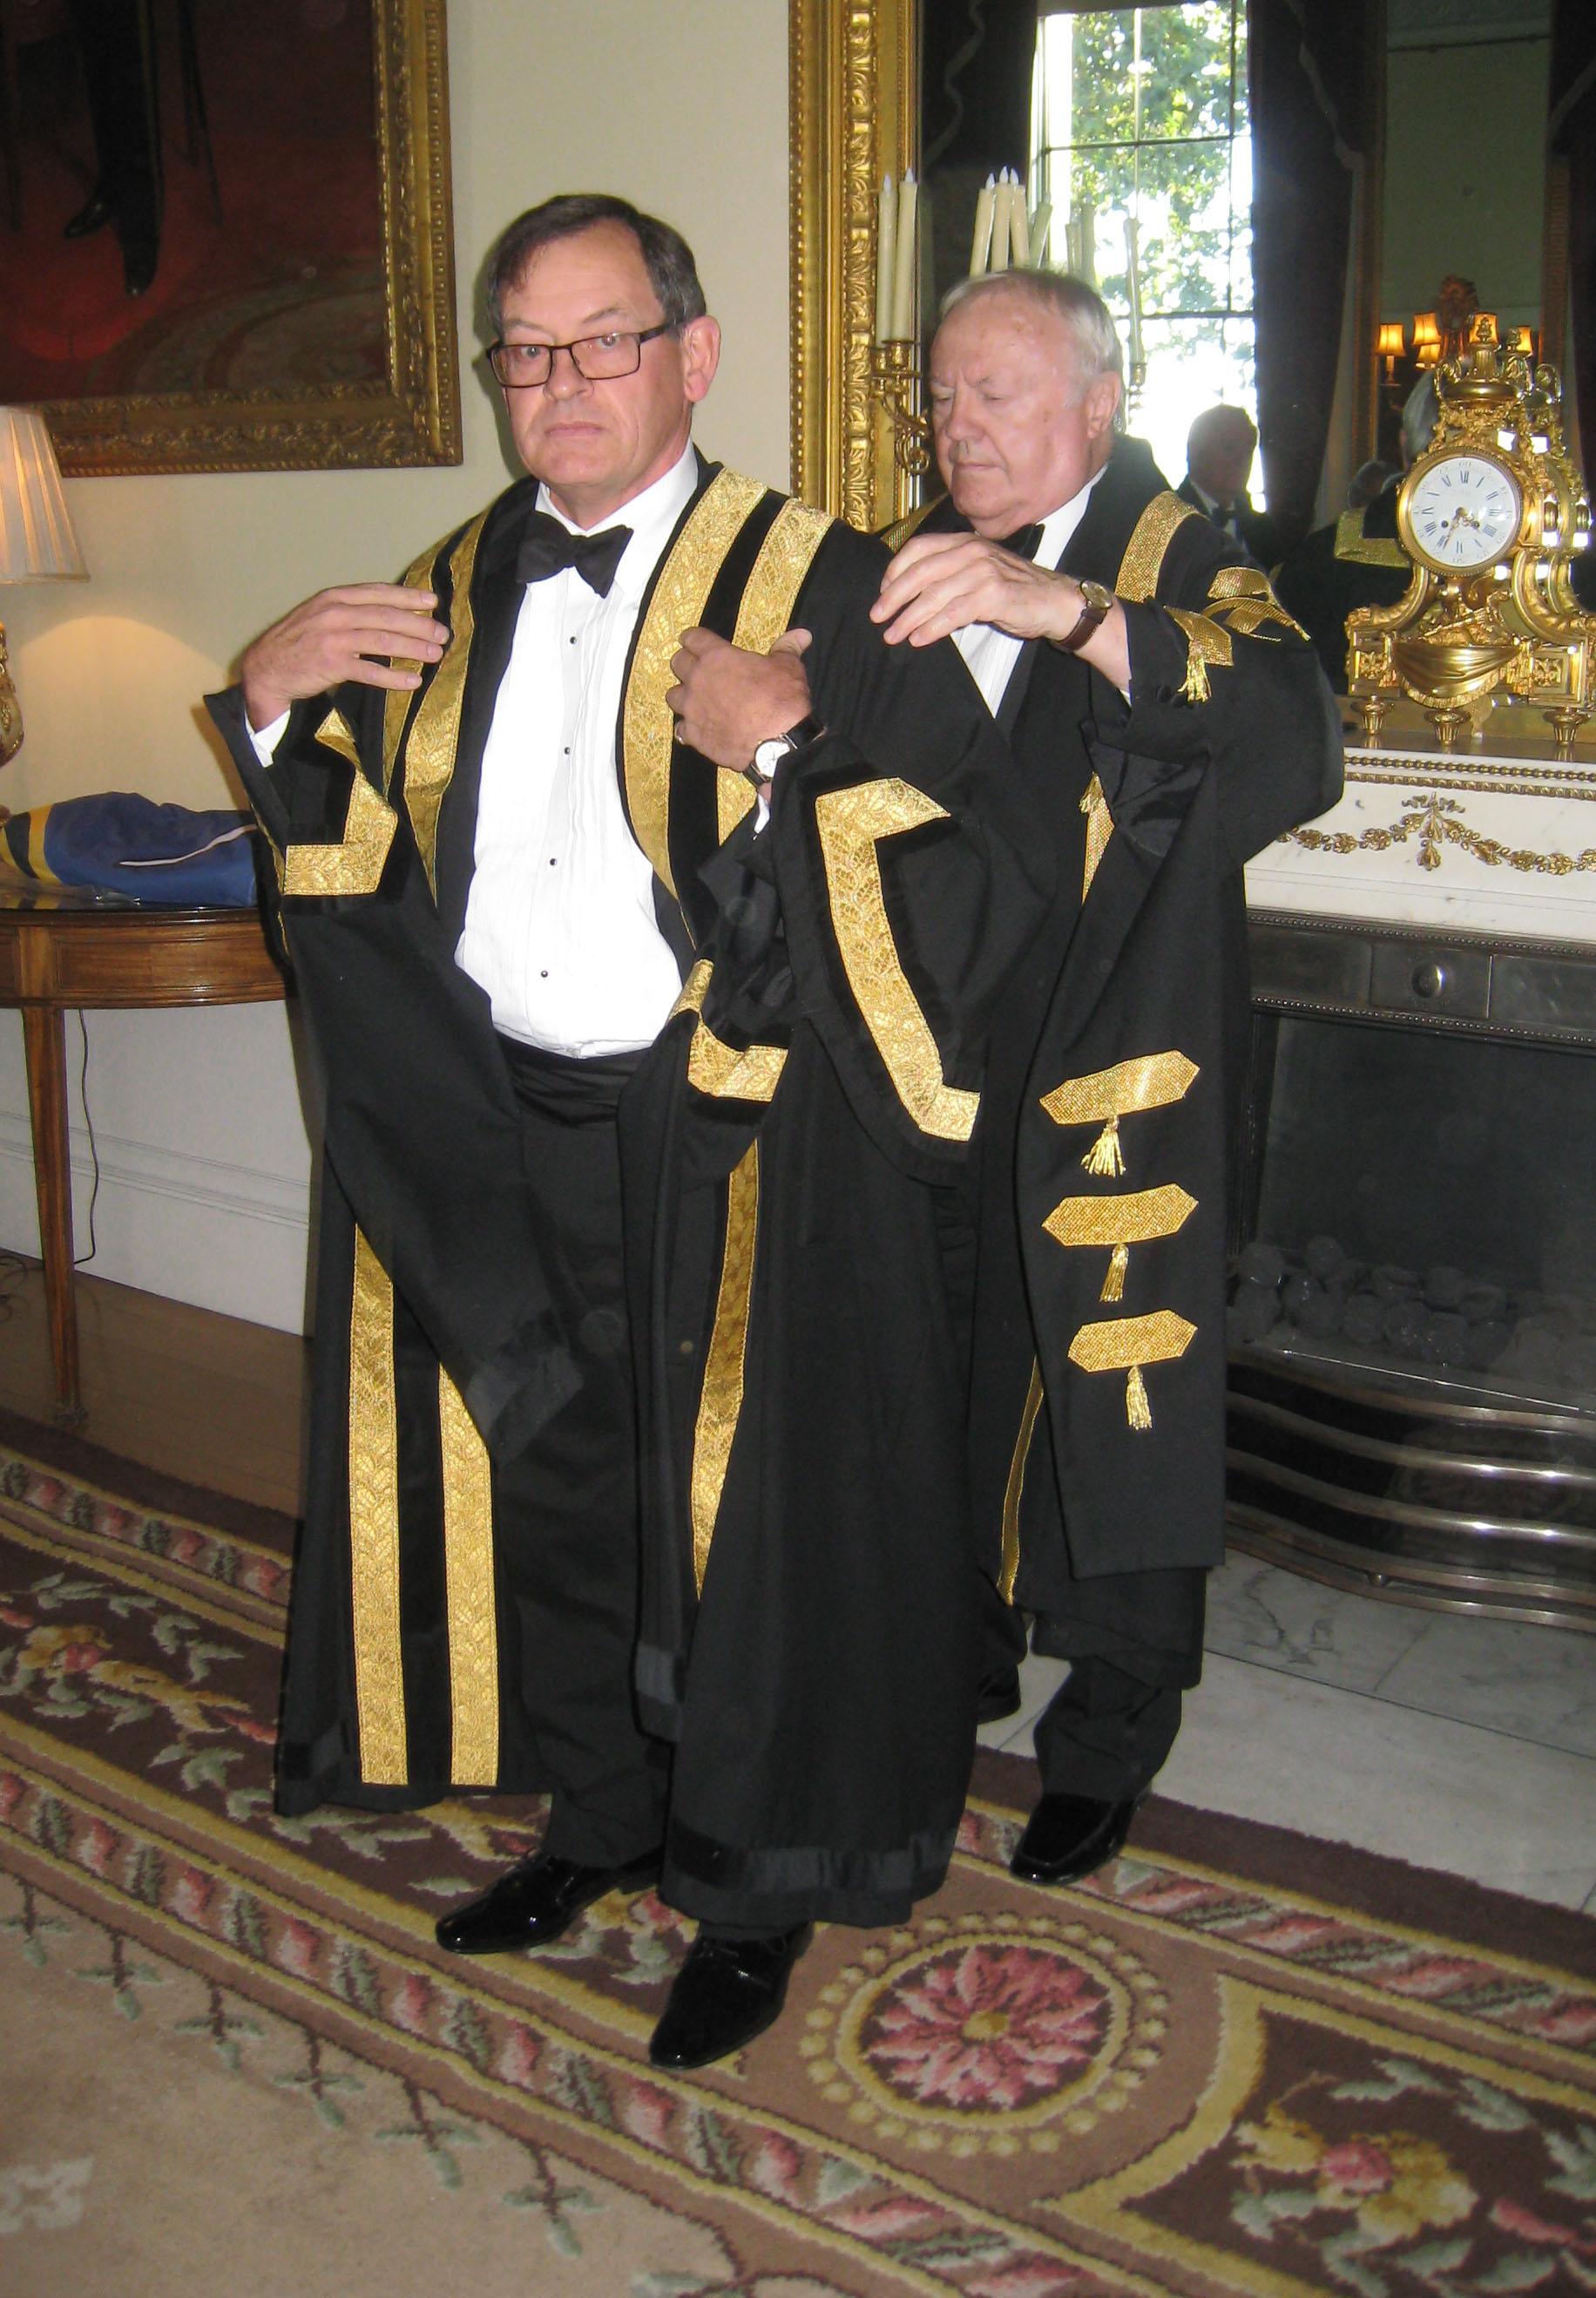 Cdr Mark Dickens RN installed as Clerk